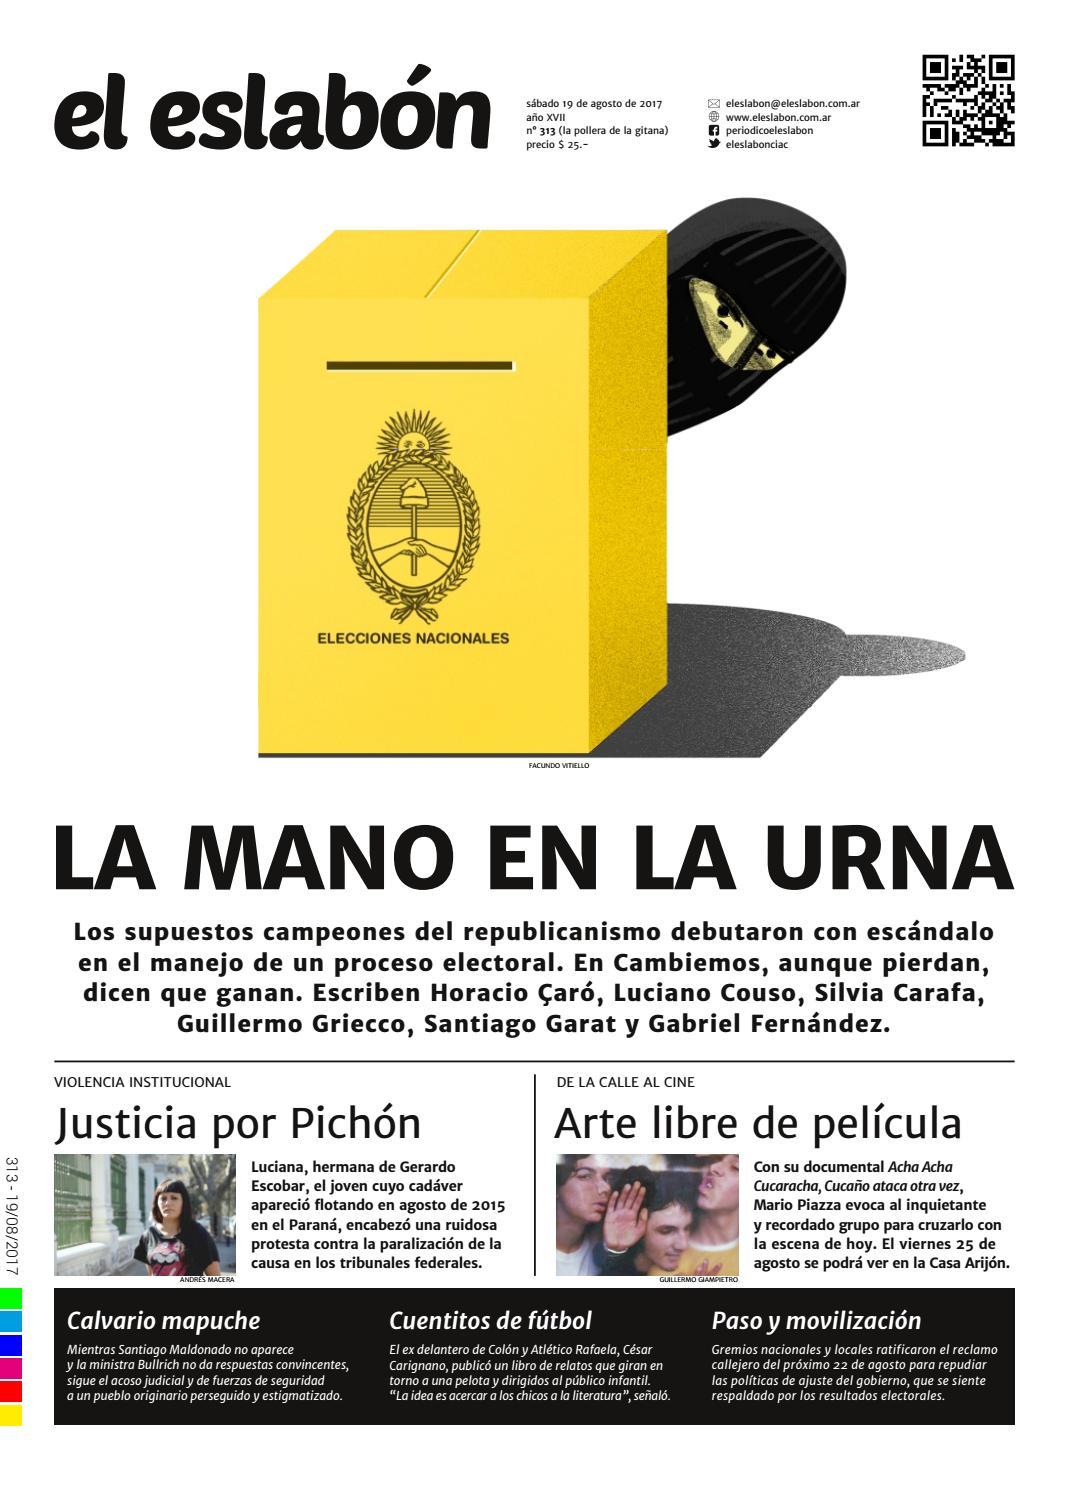 el eslabón 313 by El Eslabón de la Cadena Informativa - issuu